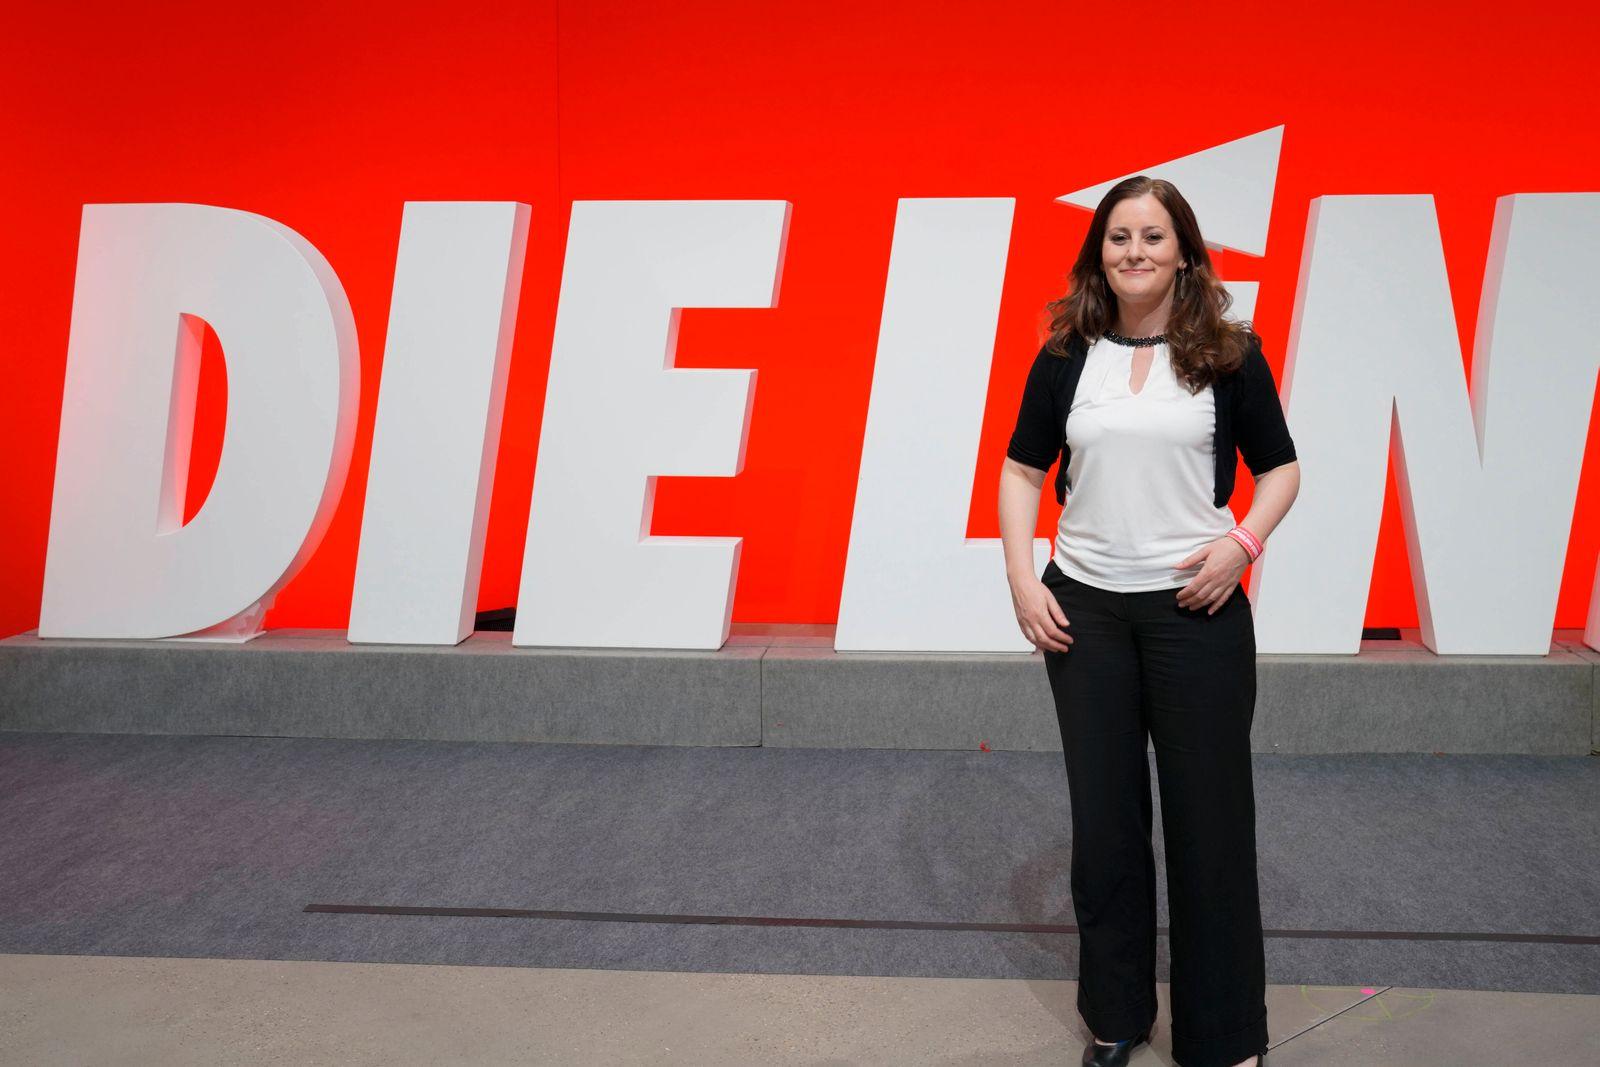 Die LINKE 7. Bundesparteitag in Berlin Aktuell, 20.06.2021, Berlin, Janine Wissler die Spitzenkandidatin der Partei Die